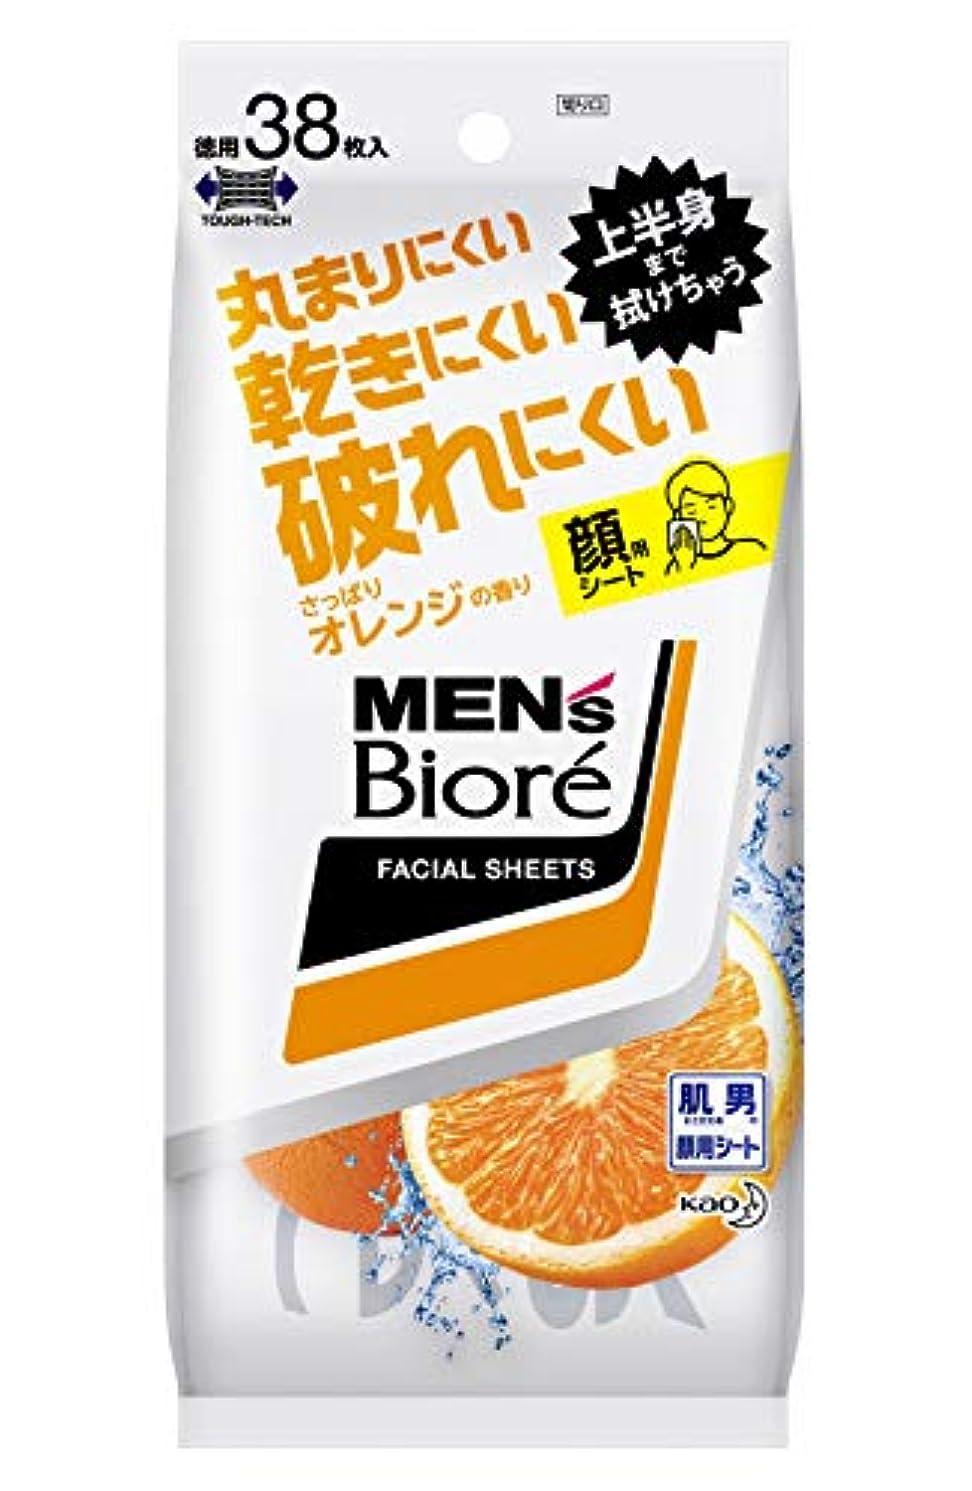 狂信者ポーン疎外するメンズビオレ 洗顔シート さっぱりオレンジの香り <卓上タイプ> 38枚入